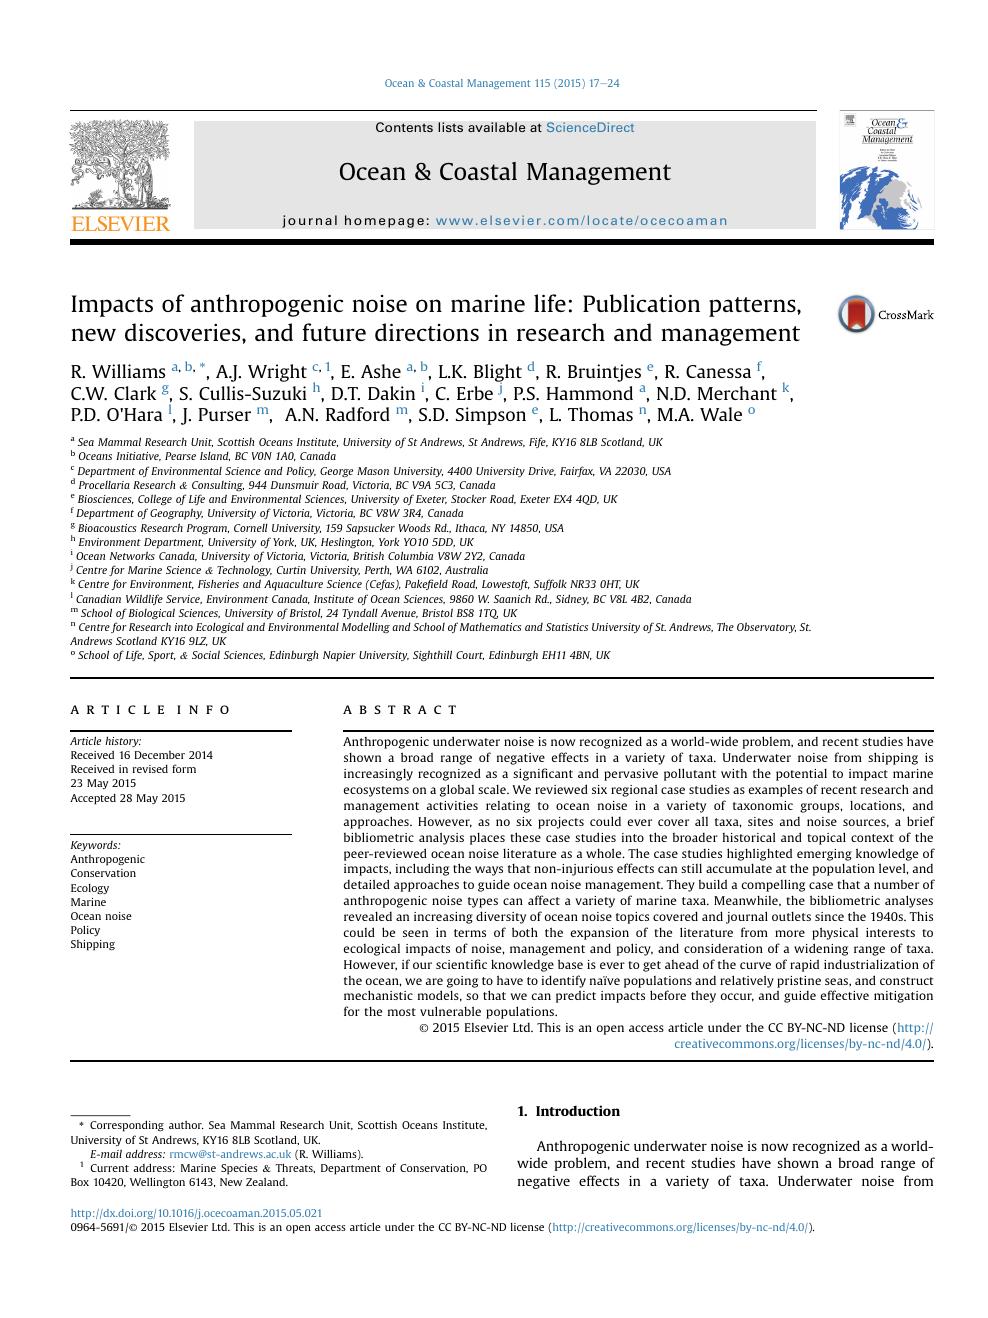 Impacts of anthropogenic noise on marine life: Publication